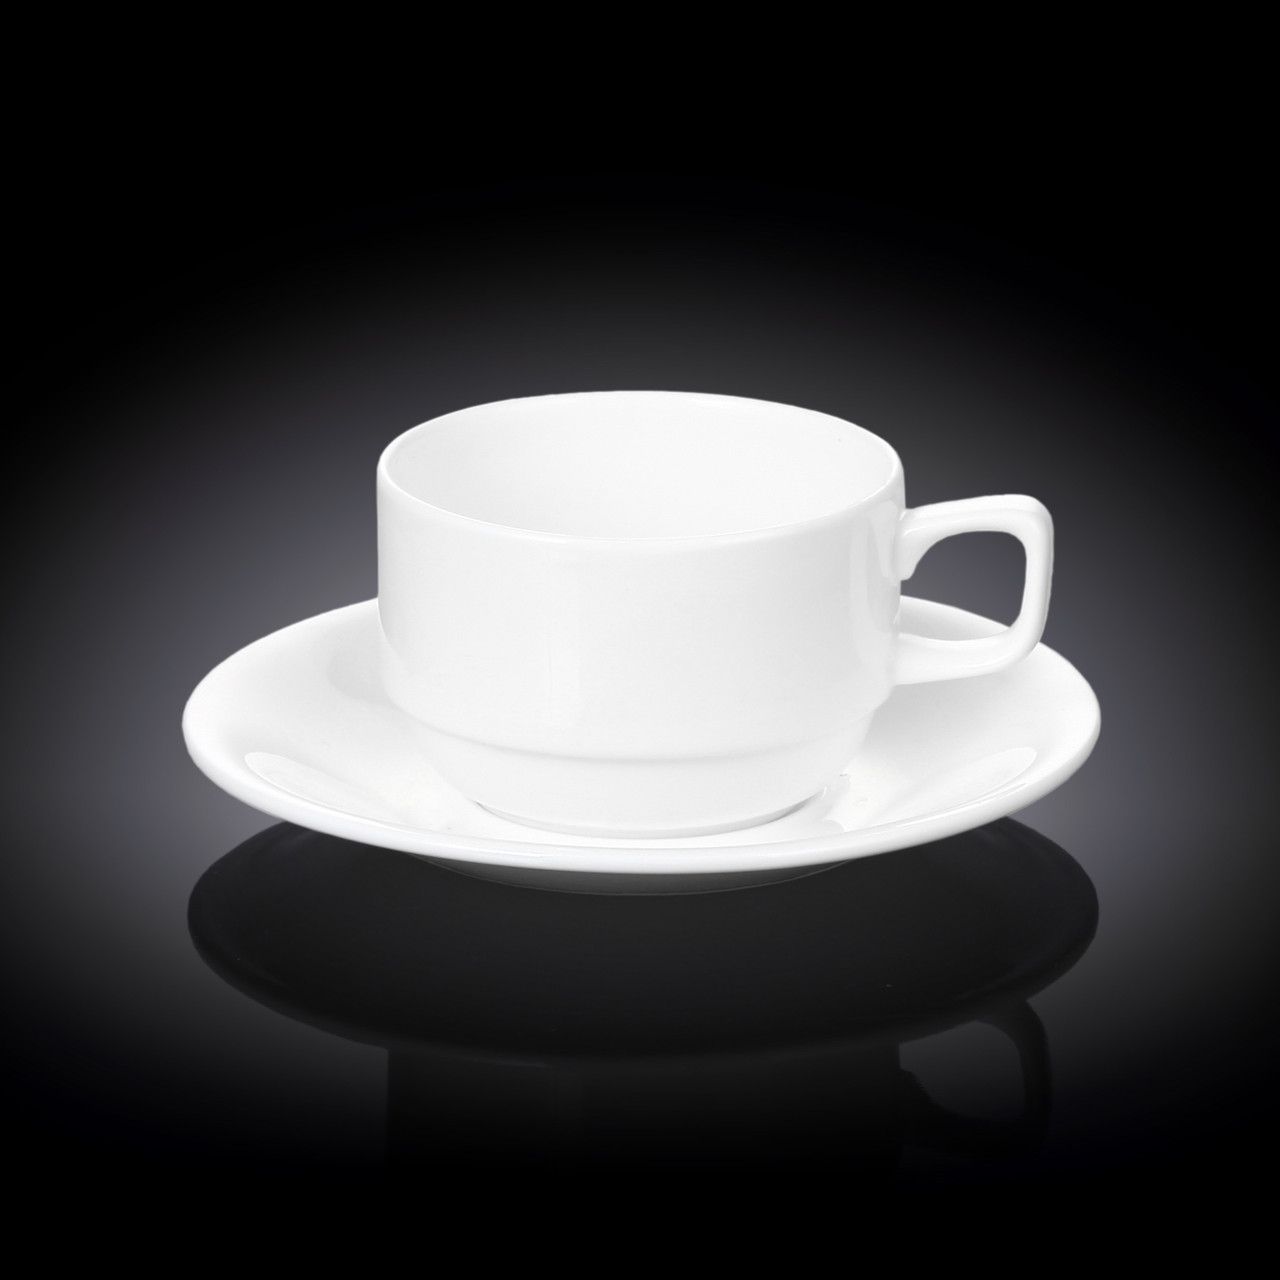 Чайная чашка и блюдце Wilmax 220 мл